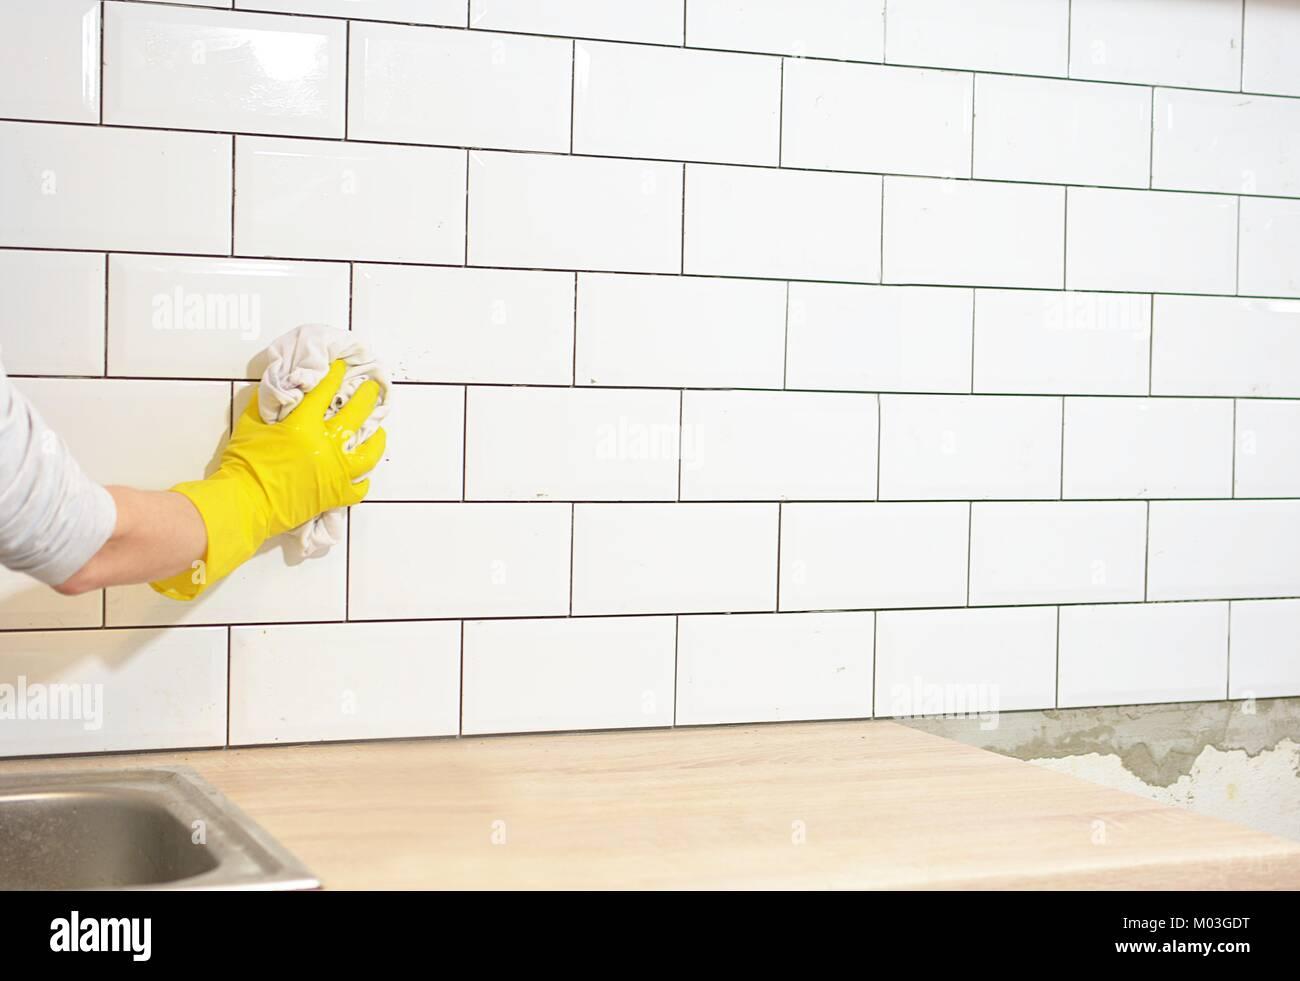 La finitura il tiling della cucina con piastrelle bianche Immagini Stock